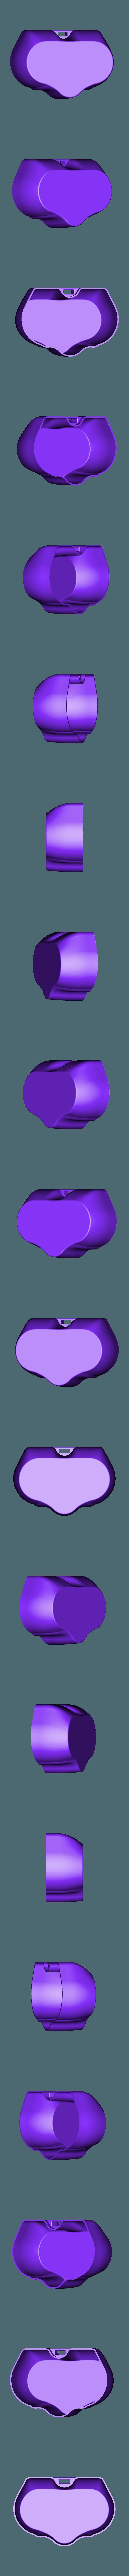 V1_Prototype_Larger_Lid.stl Télécharger fichier STL gratuit Affaire des jumelles • Plan à imprimer en 3D, CartesianCreationsAU